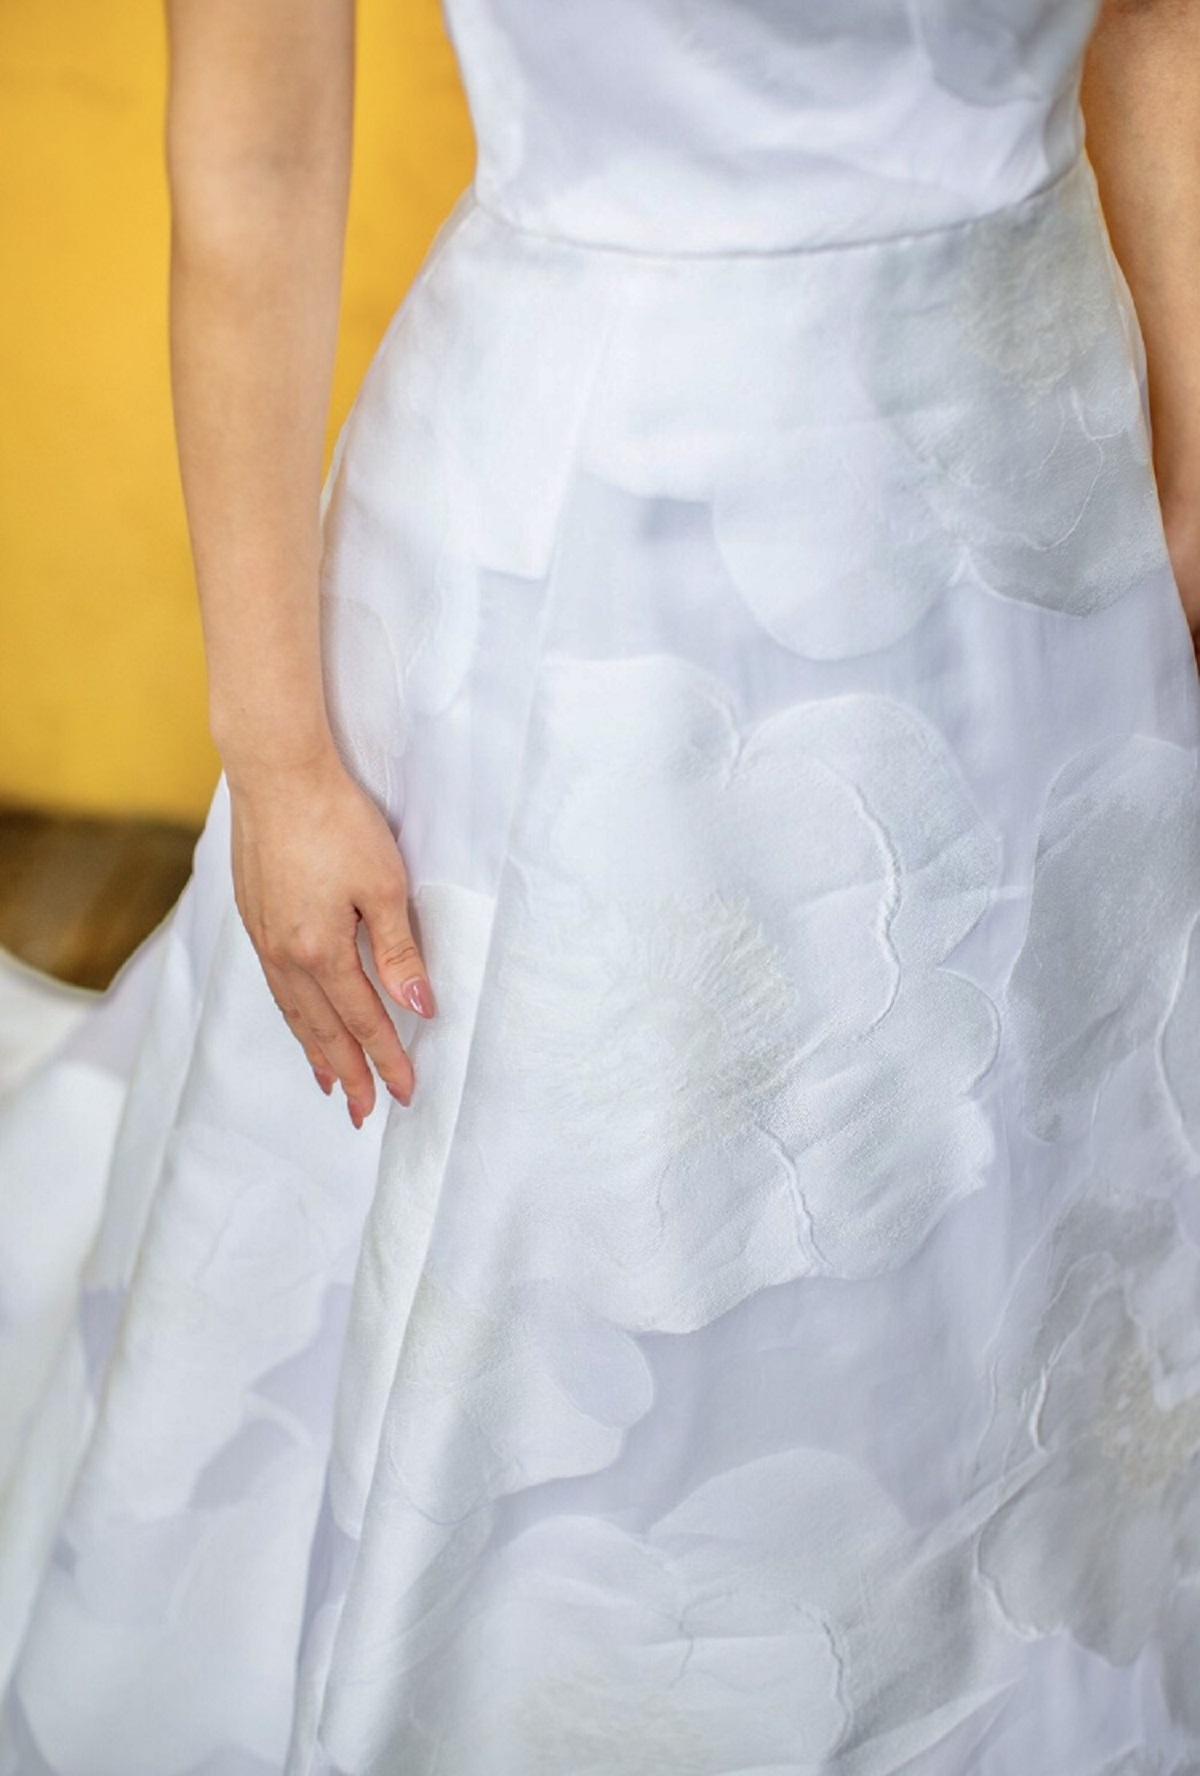 ザ・トリートドレッシング福岡店でお取り扱いのあるレラ・ローズのドレスはシルクに浮かぶフラワーモチーフが素敵なウエディングドレス